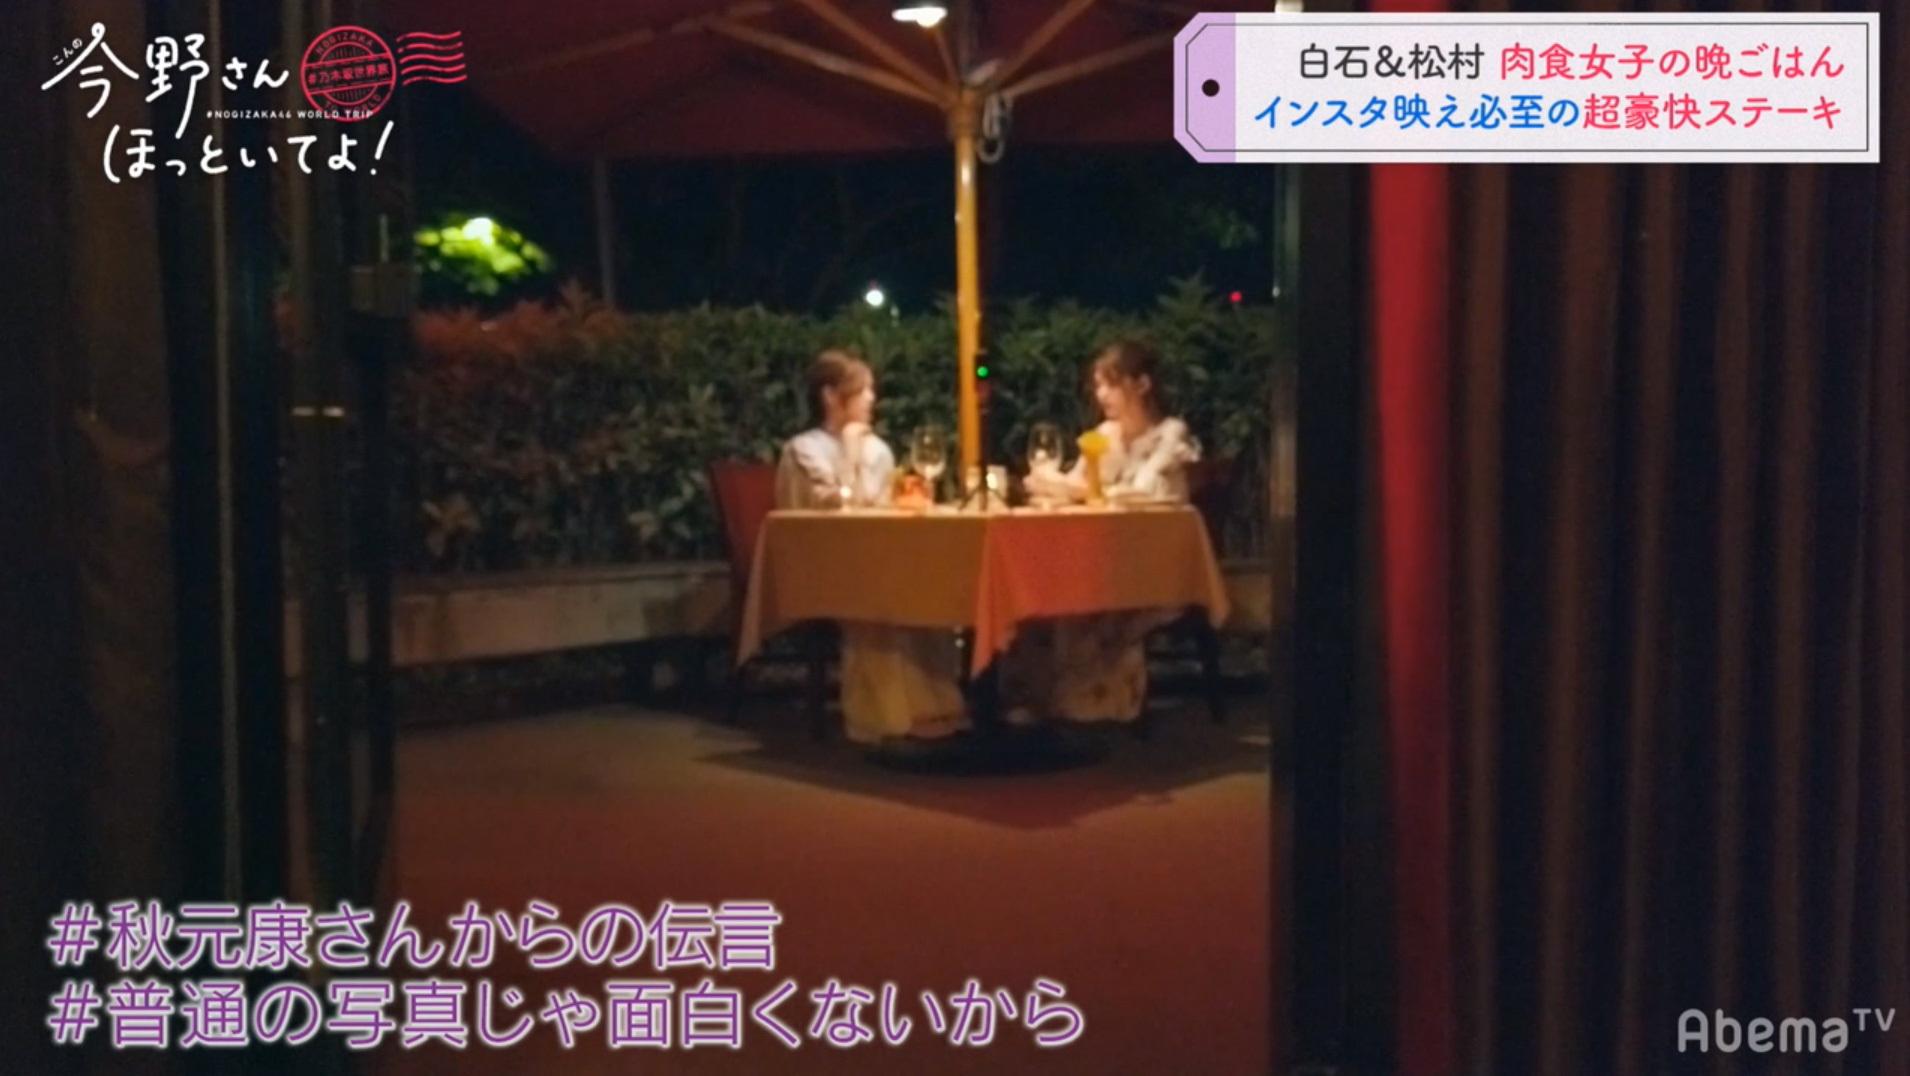 乃木坂世界旅 秋元康「普通のインスタ写真じゃ面白くないから」